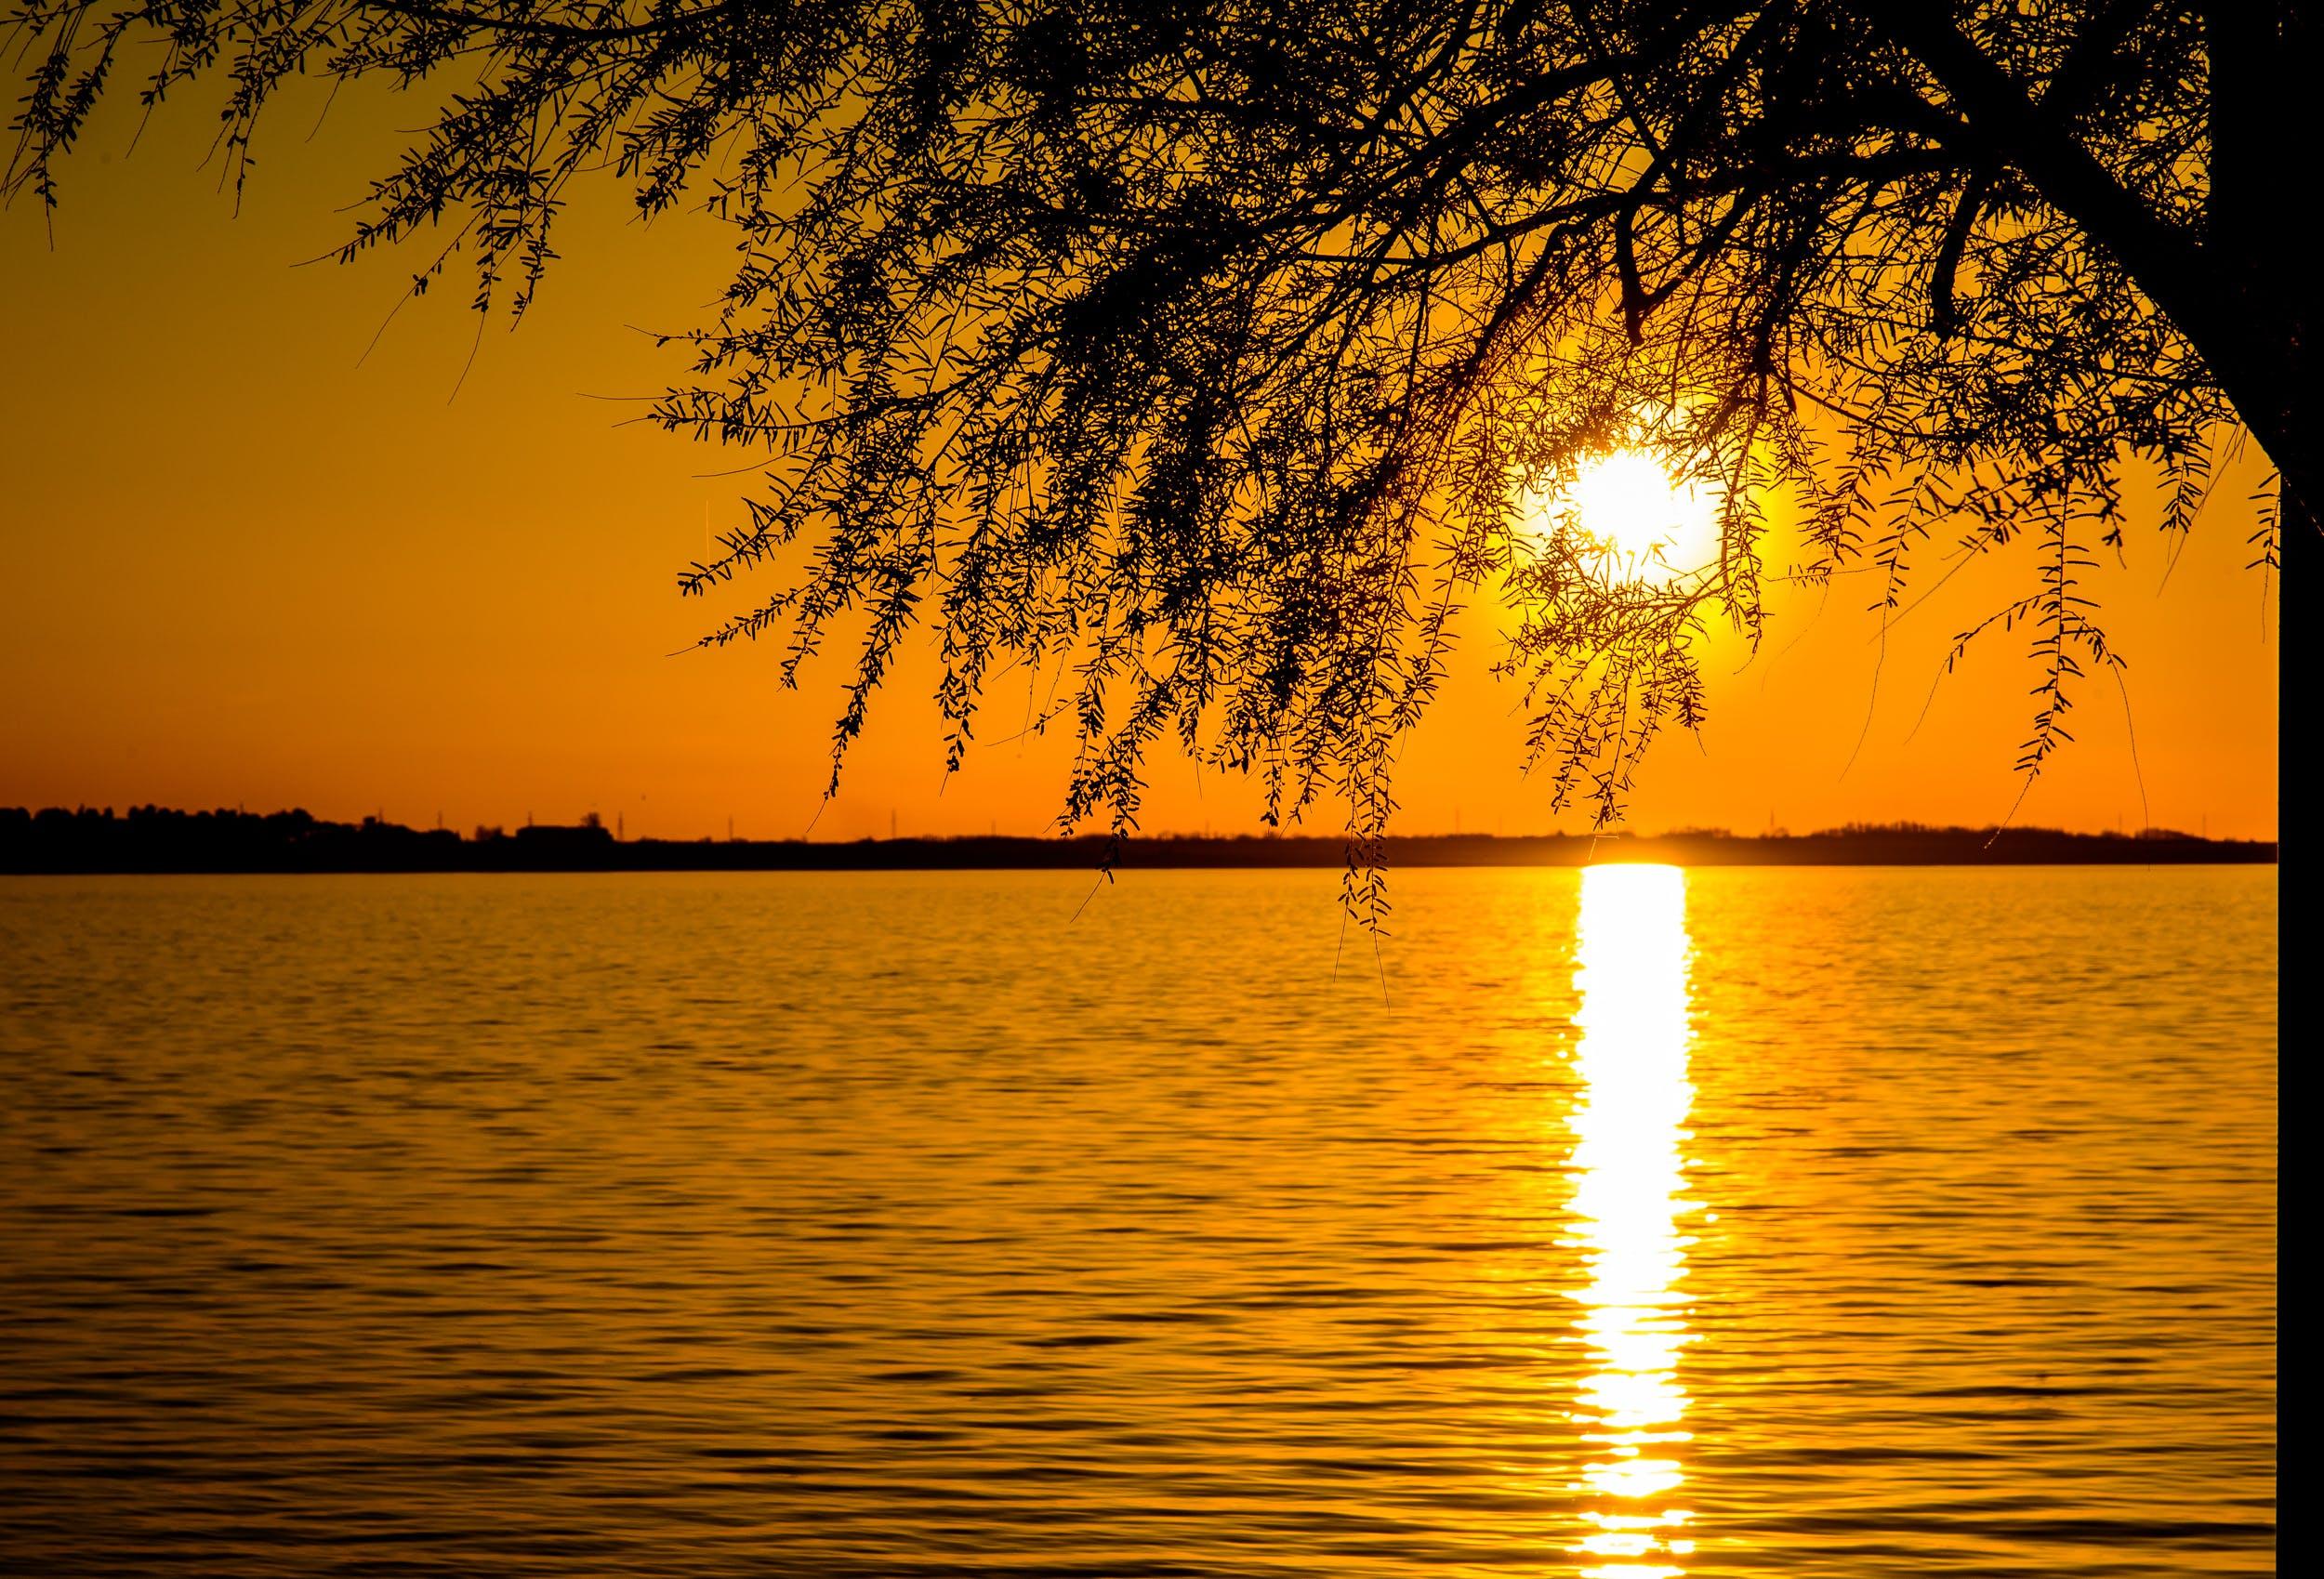 Free stock photo of sunset, beachs, beach sunset, adriatic sea